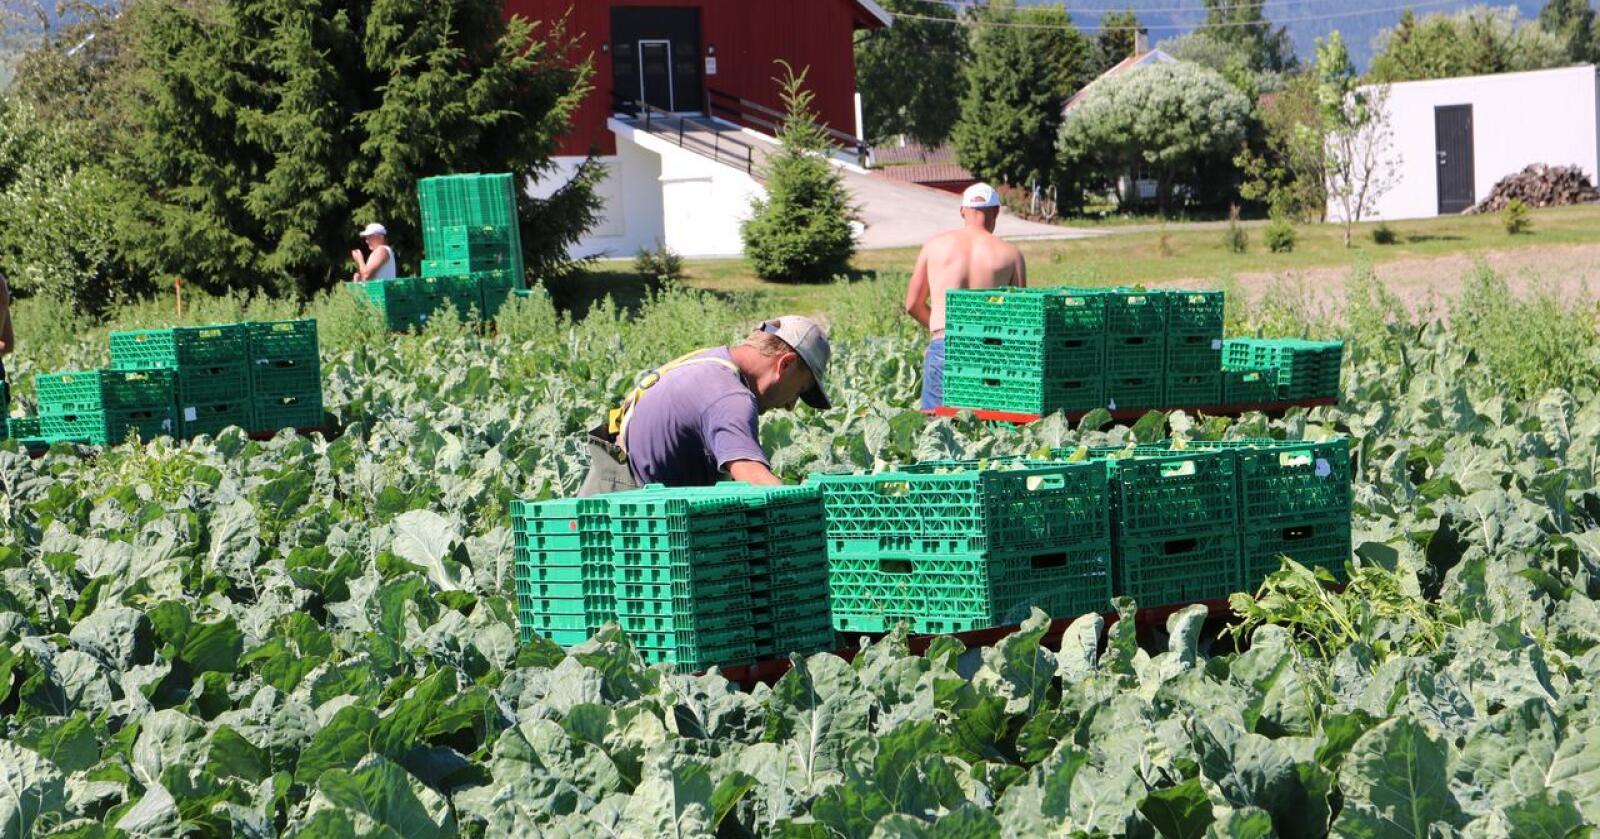 Kritisk: Innreise for drøyt 1 000 utenlandske arbeidere i grøntnæringa er hittil godkjent. Arbeidskraft-behovet vil ikke kunne dekkes av utenlandske, påpeker også Landbruksdirektoratet nå.  (Arkivfoto)